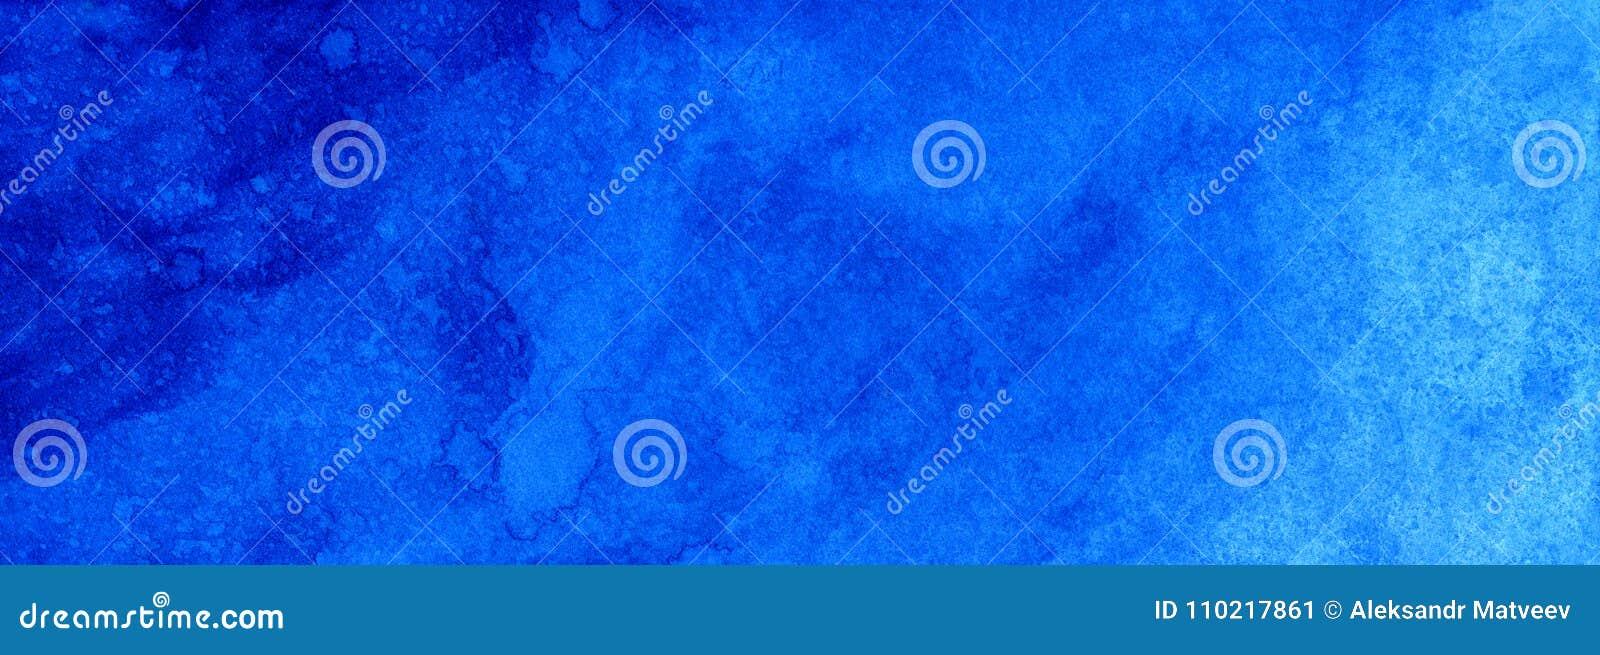 网横幅海军陆战队员或藏青色水彩梯度积土背景 水彩污点 摘要与纸textu的被绘的模板